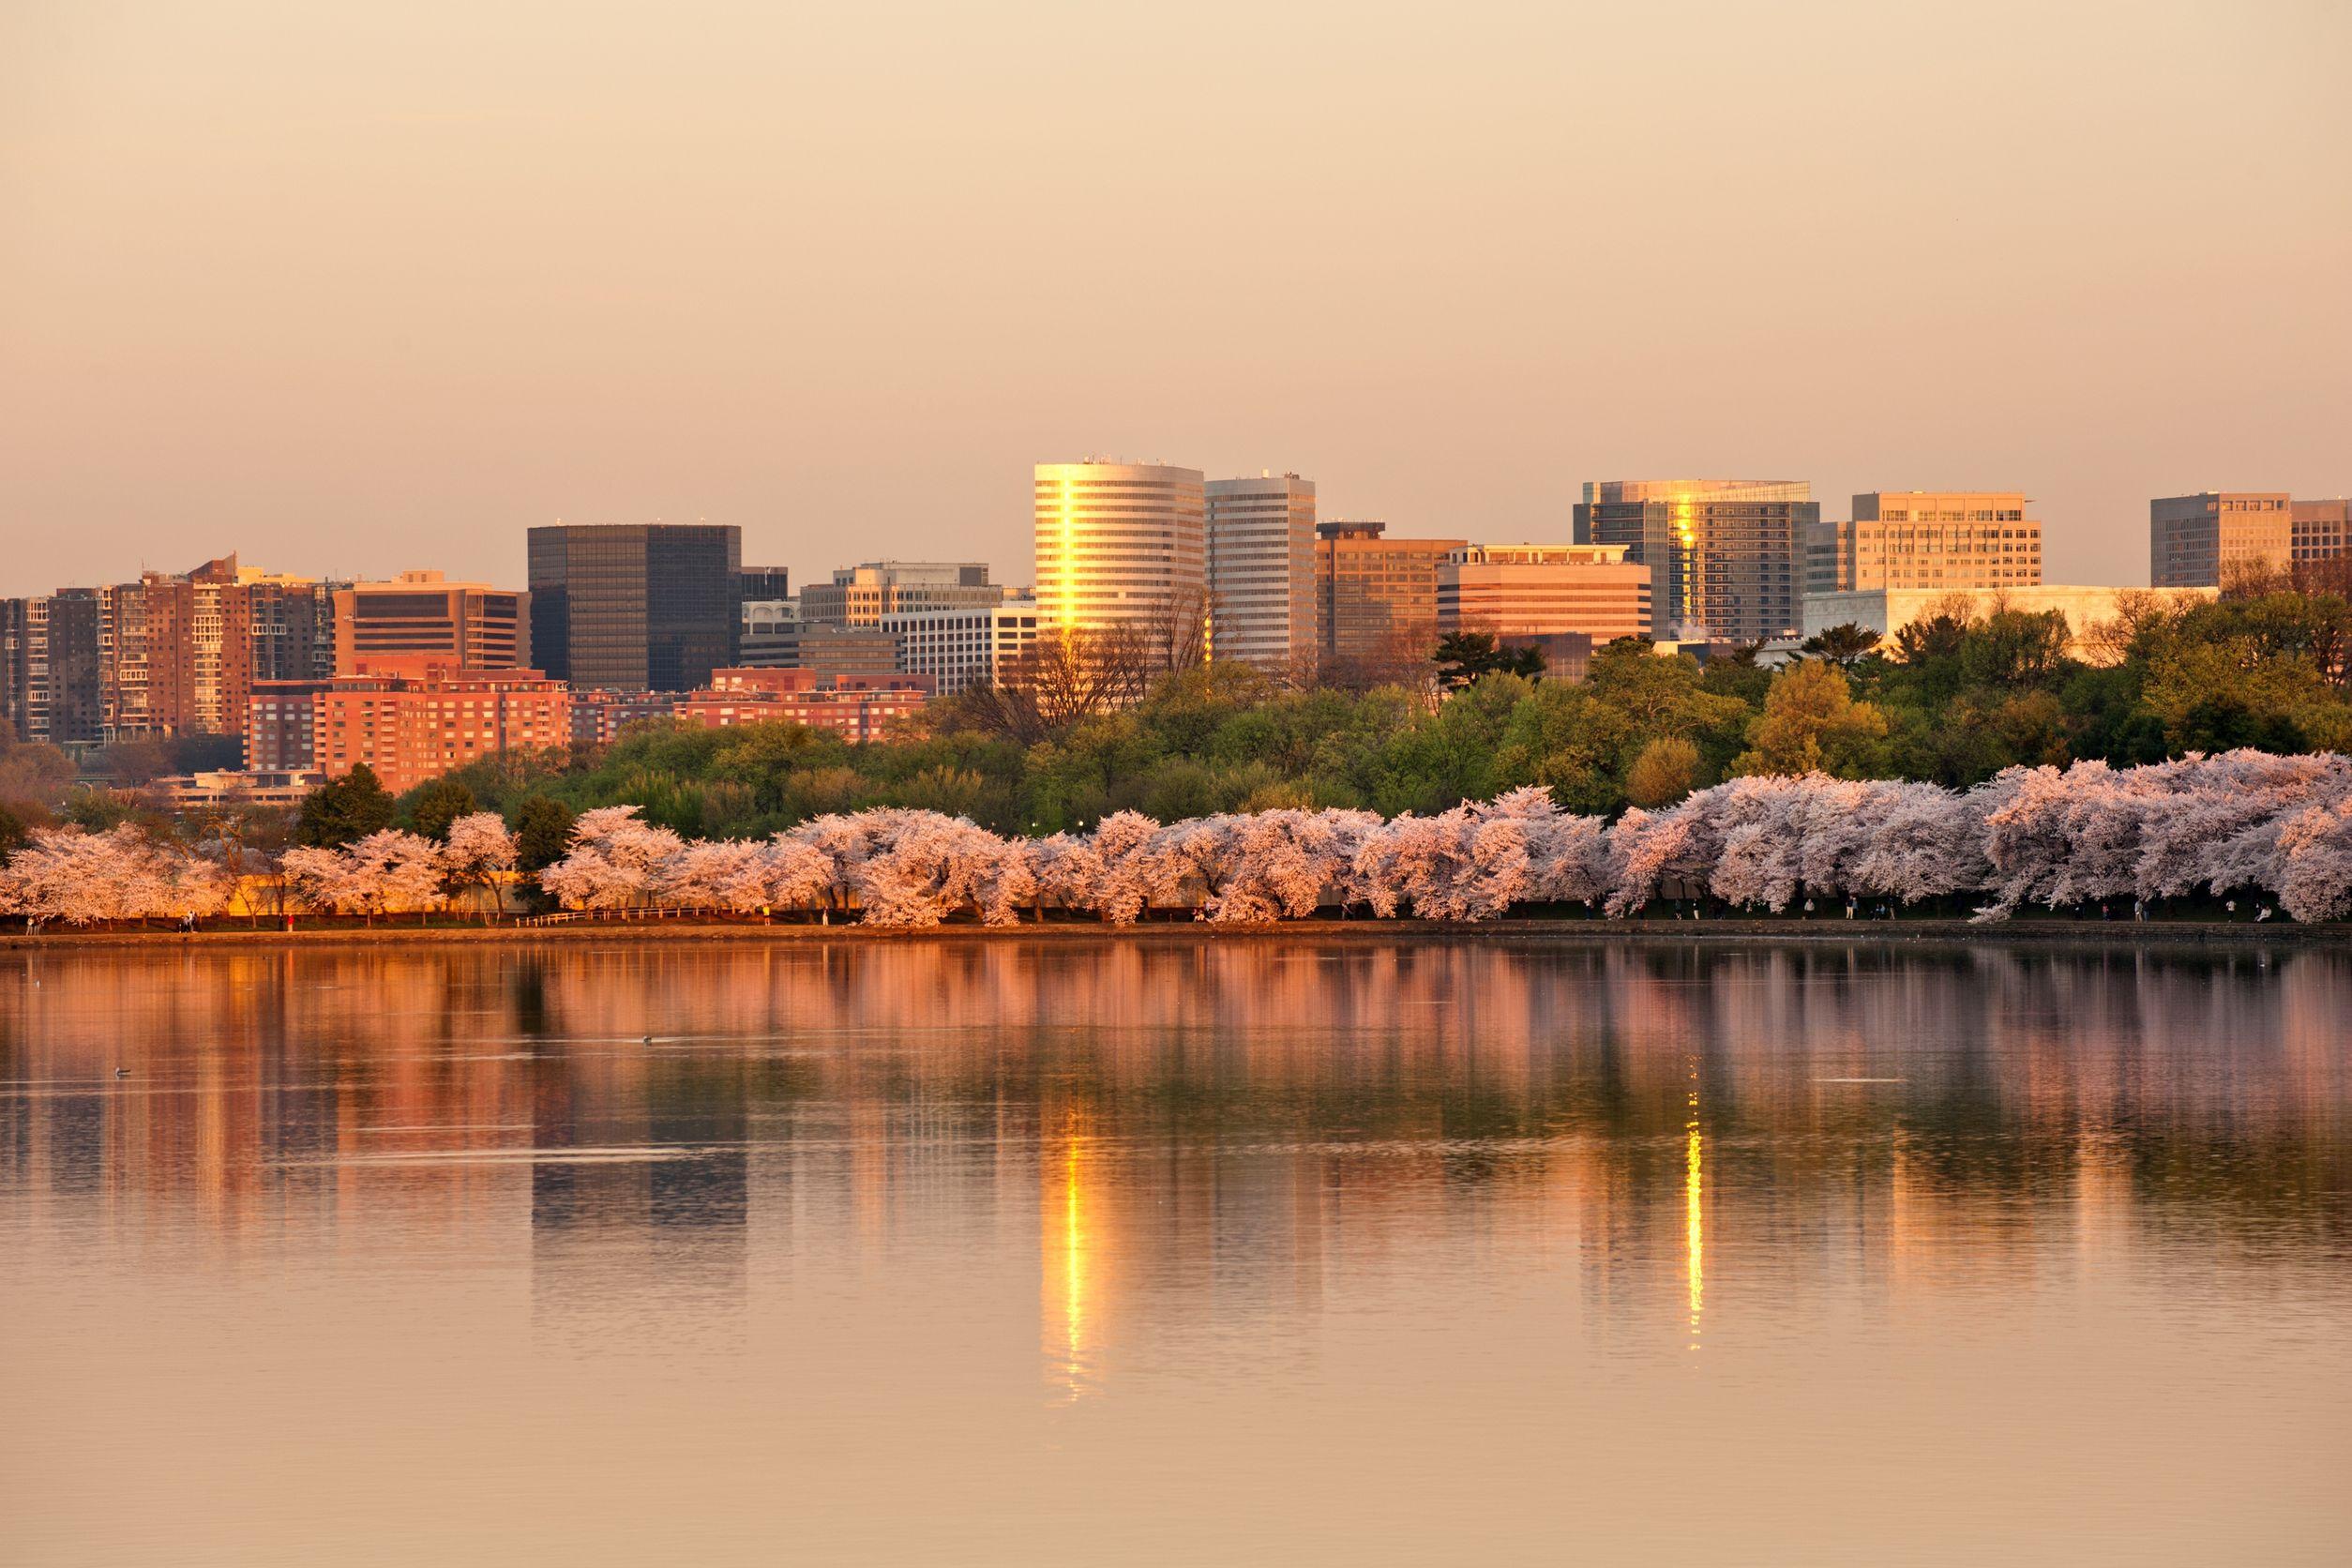 Arlington w Wirginii najzdrowszym miastem USA. Chicago na 32. miejscu